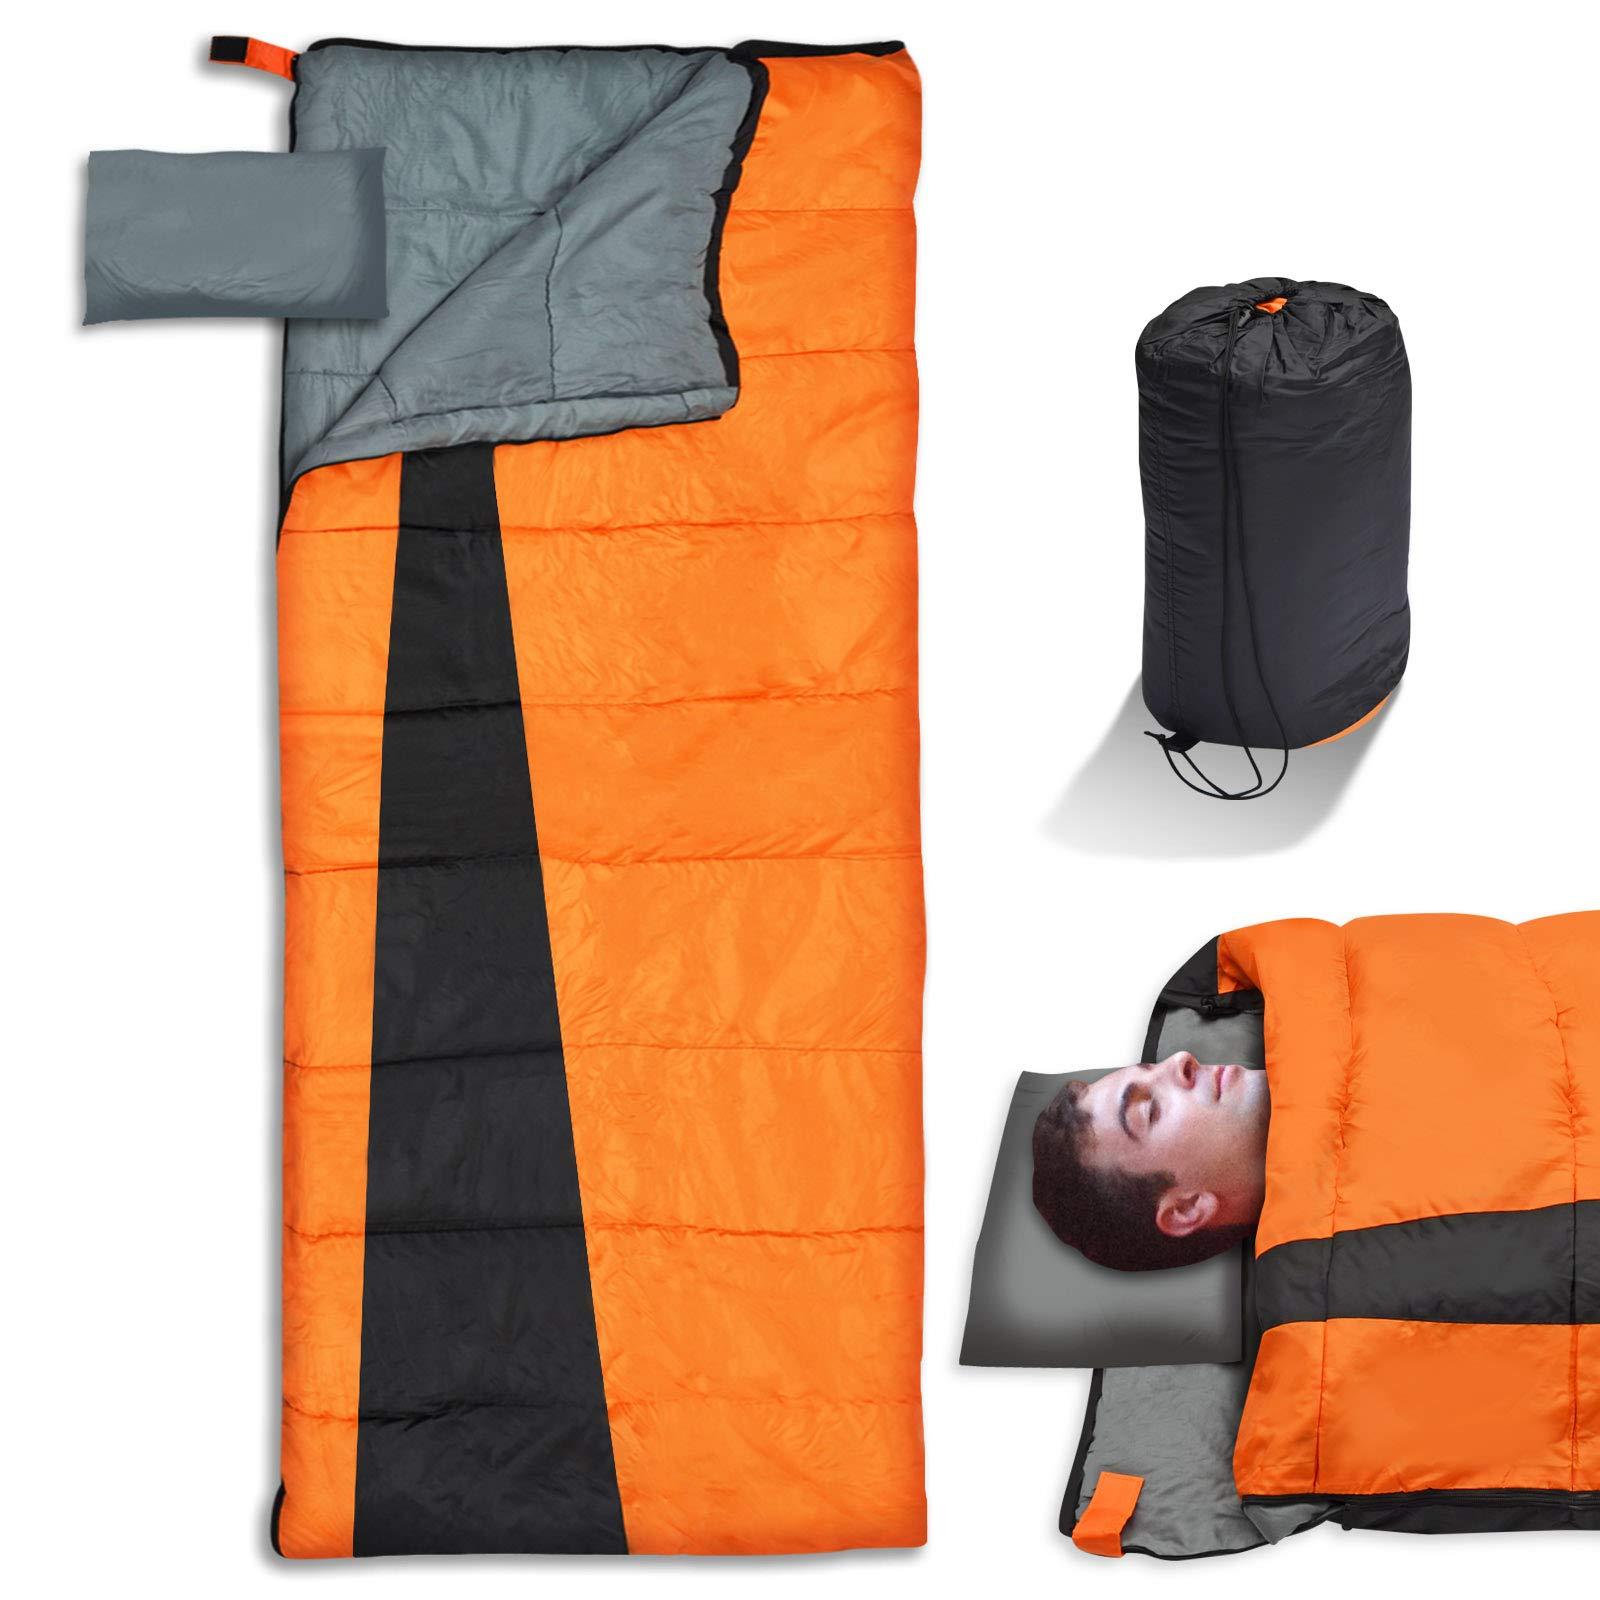 BenefitUSA Outdoor Backpacking Sleeping Bag Lightweight Sleeping Bag with Pillow by BenefitUSA